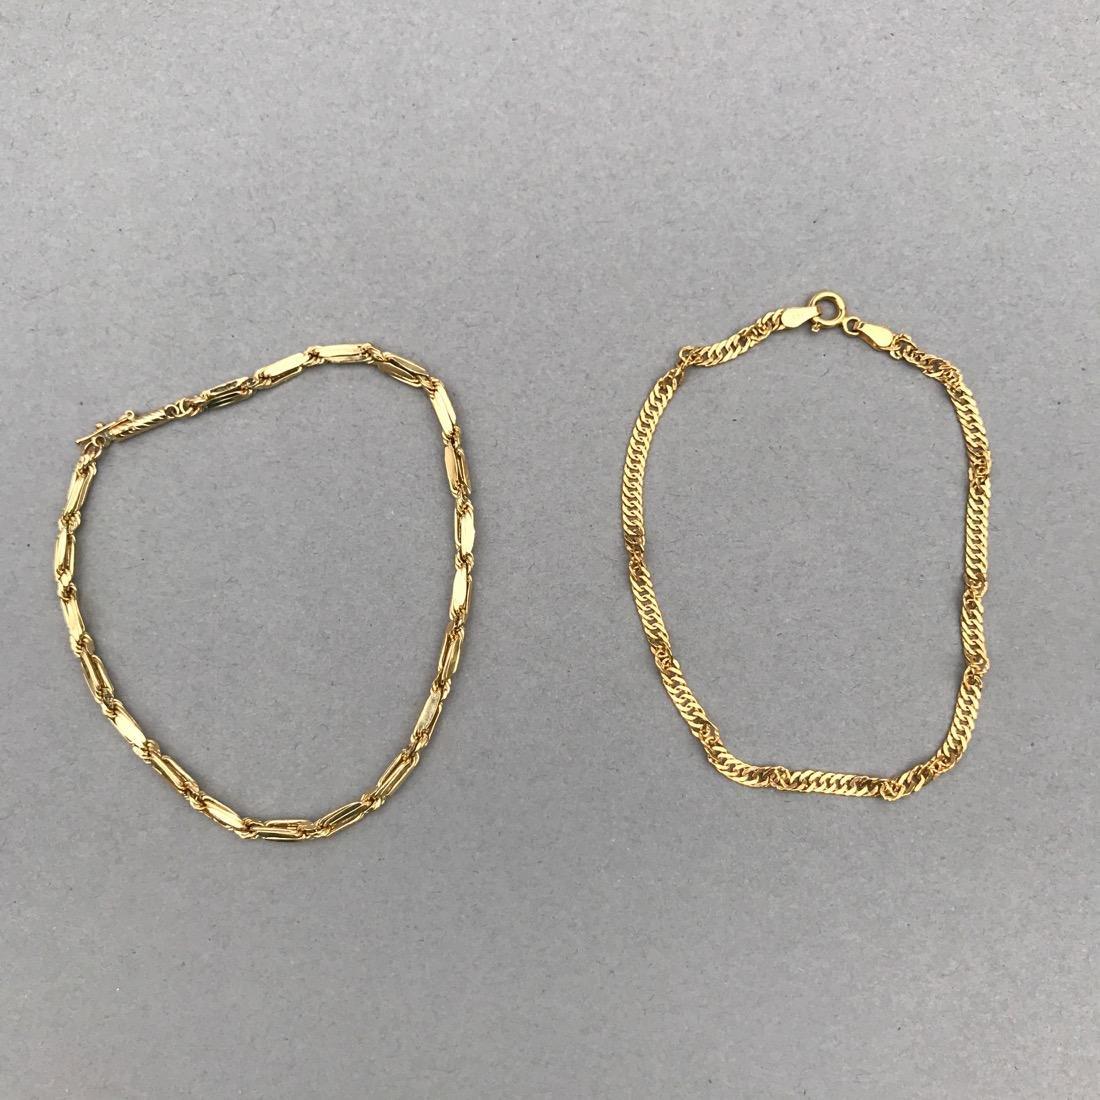 2 14K Gold Bracelets